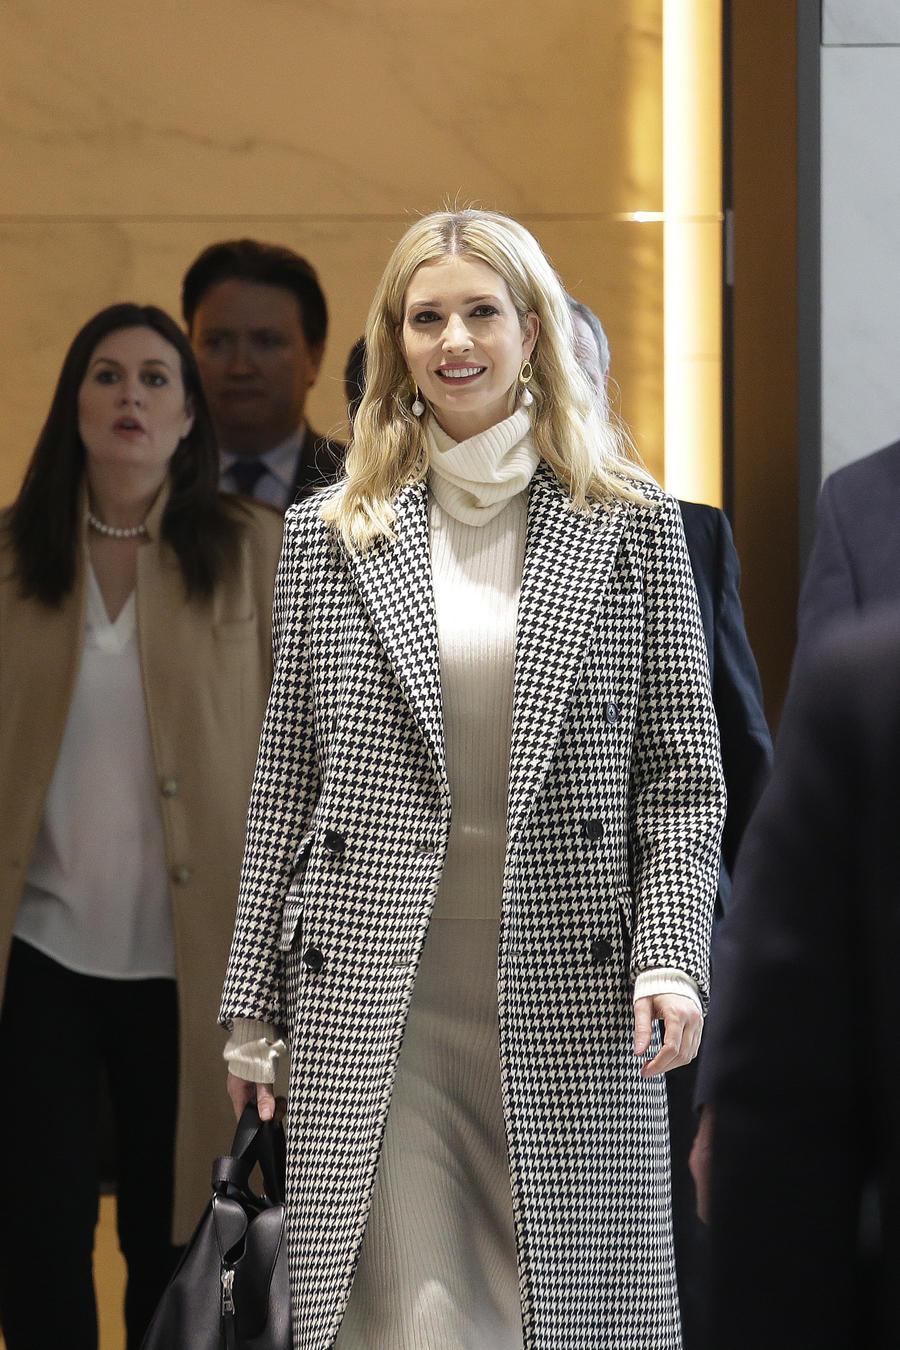 Ivanka Trump, hija y asesora del presidente de Estados Unidos, Donald Trump, a su llegada al aeropuerto internacional Incheon, en Corea del Sur, el 23 de febrero de 2018.